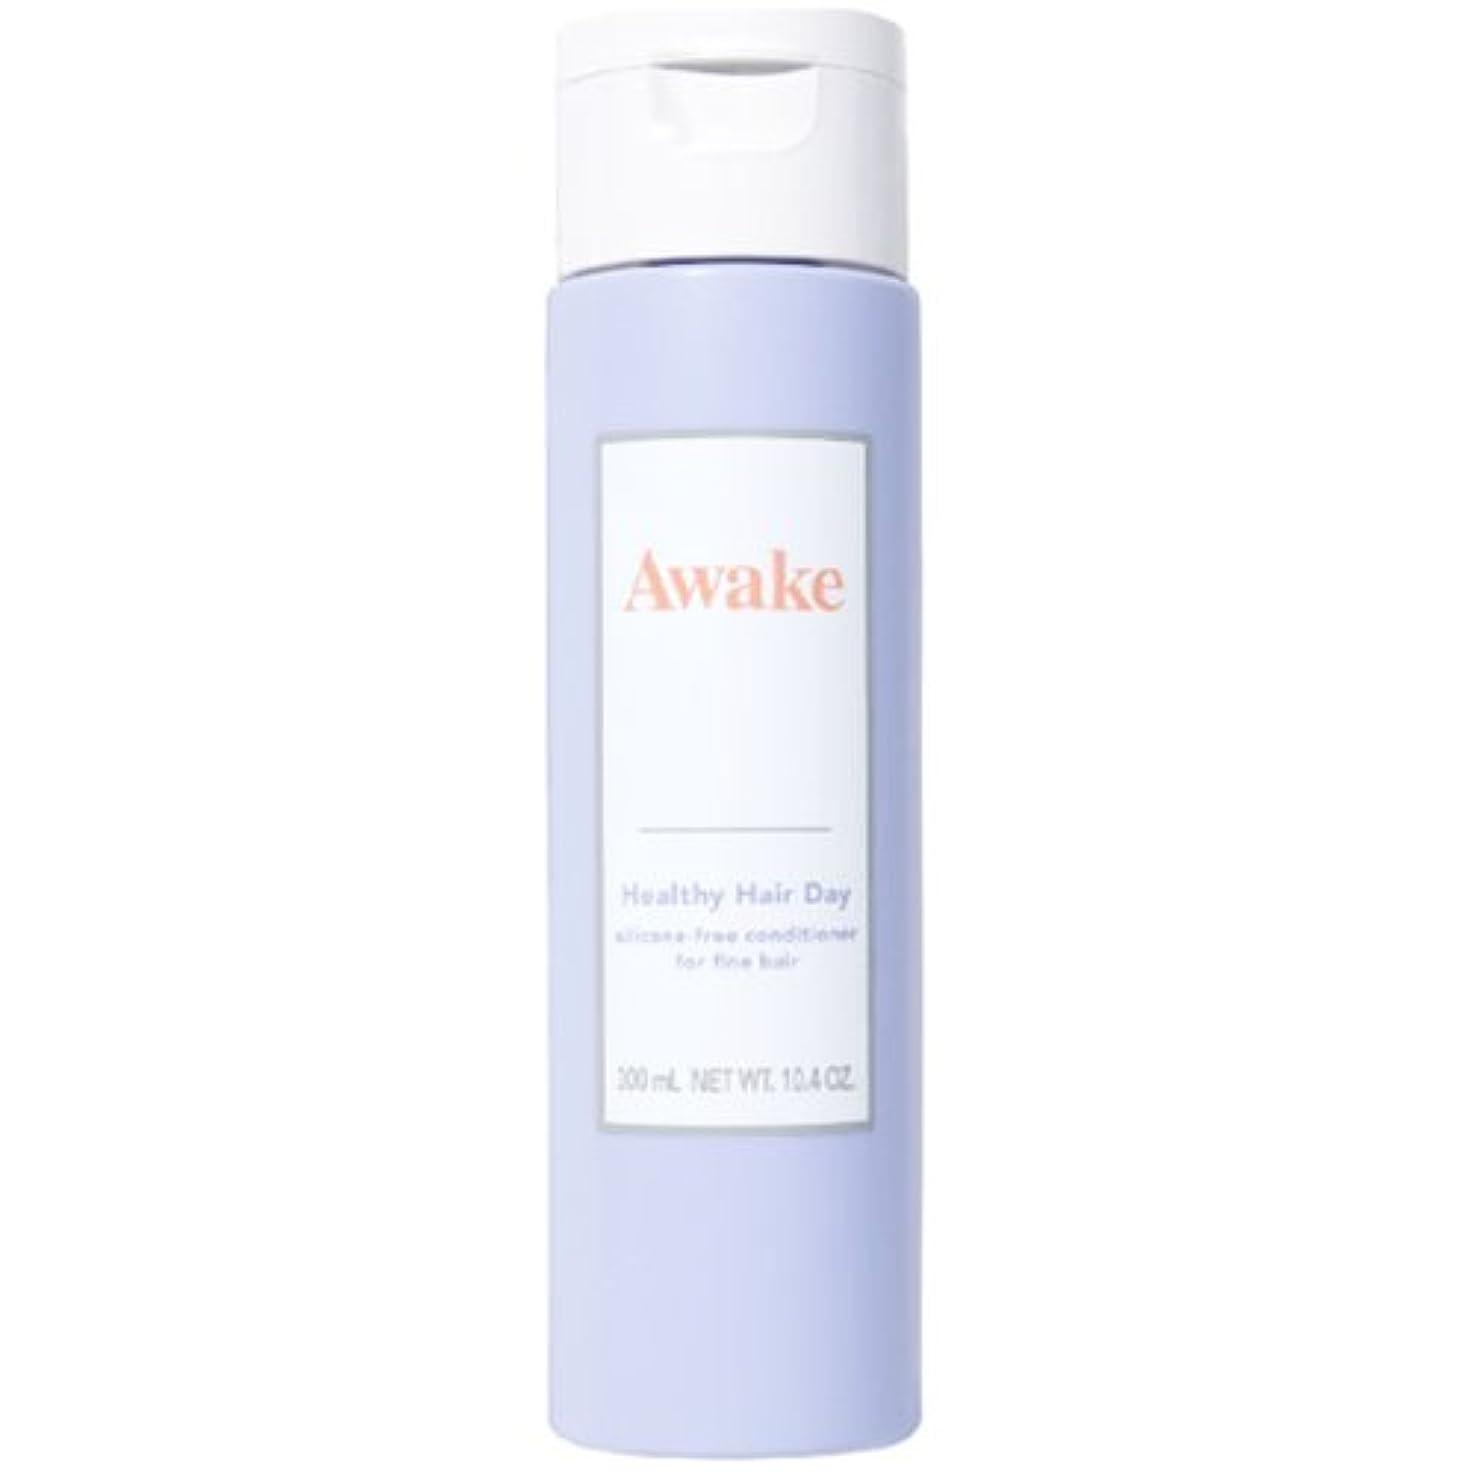 ダニクロニクル不承認アウェイク(AWAKE) Awake(アウェイク) ヘルシーヘアデイ シリコーンフリー ヘアコンディショナー ハリコシアップヘア用 (300mL)